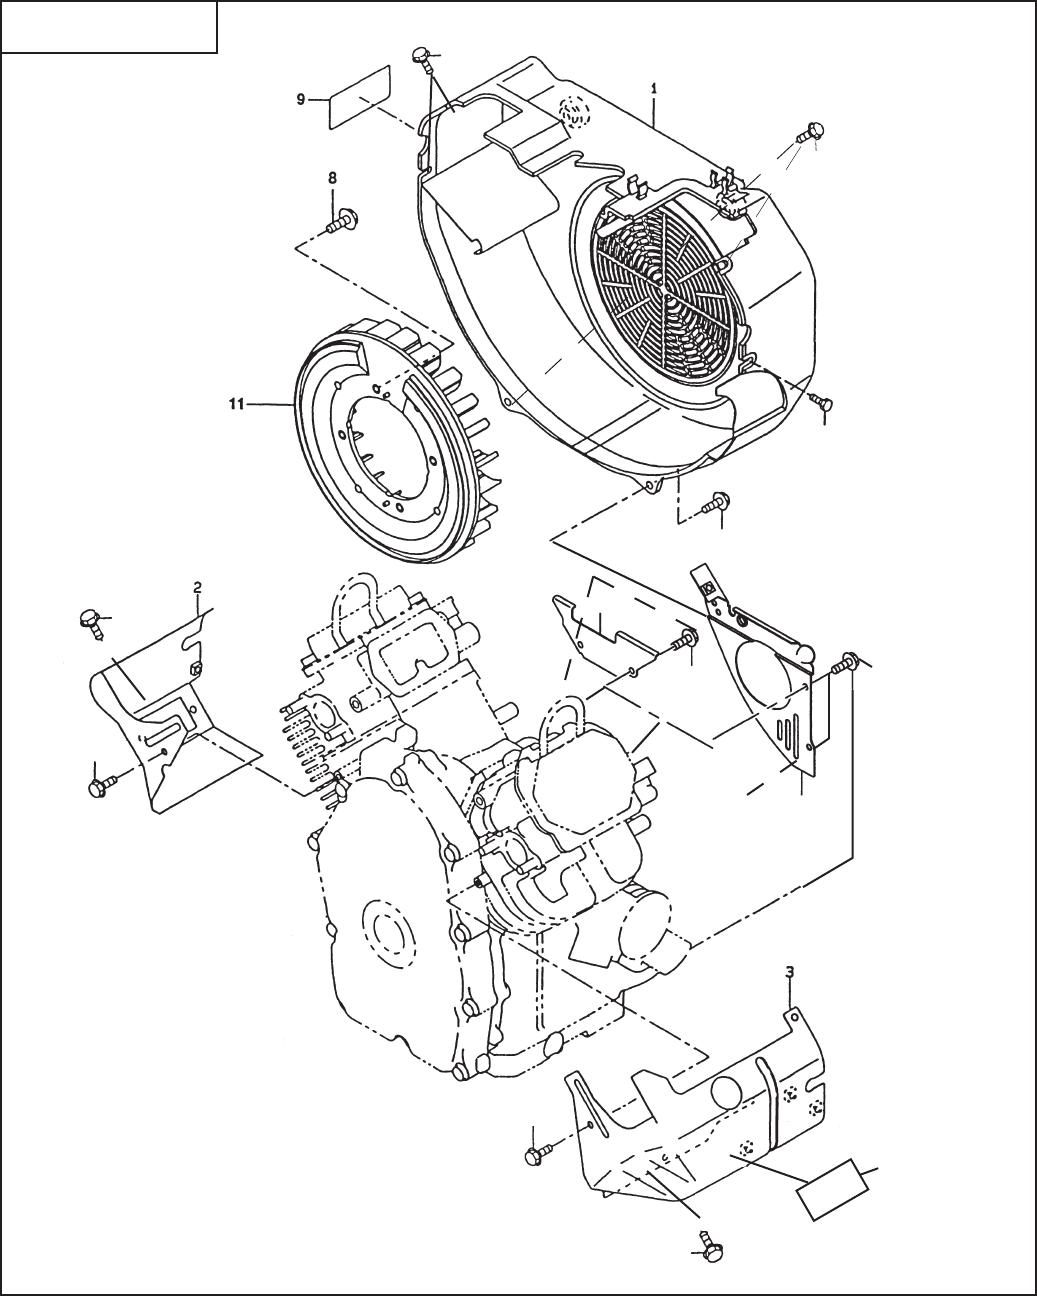 ohv220 miller w fe rev 0905 eh64 welder parts manual Miller Welder Chart eh64